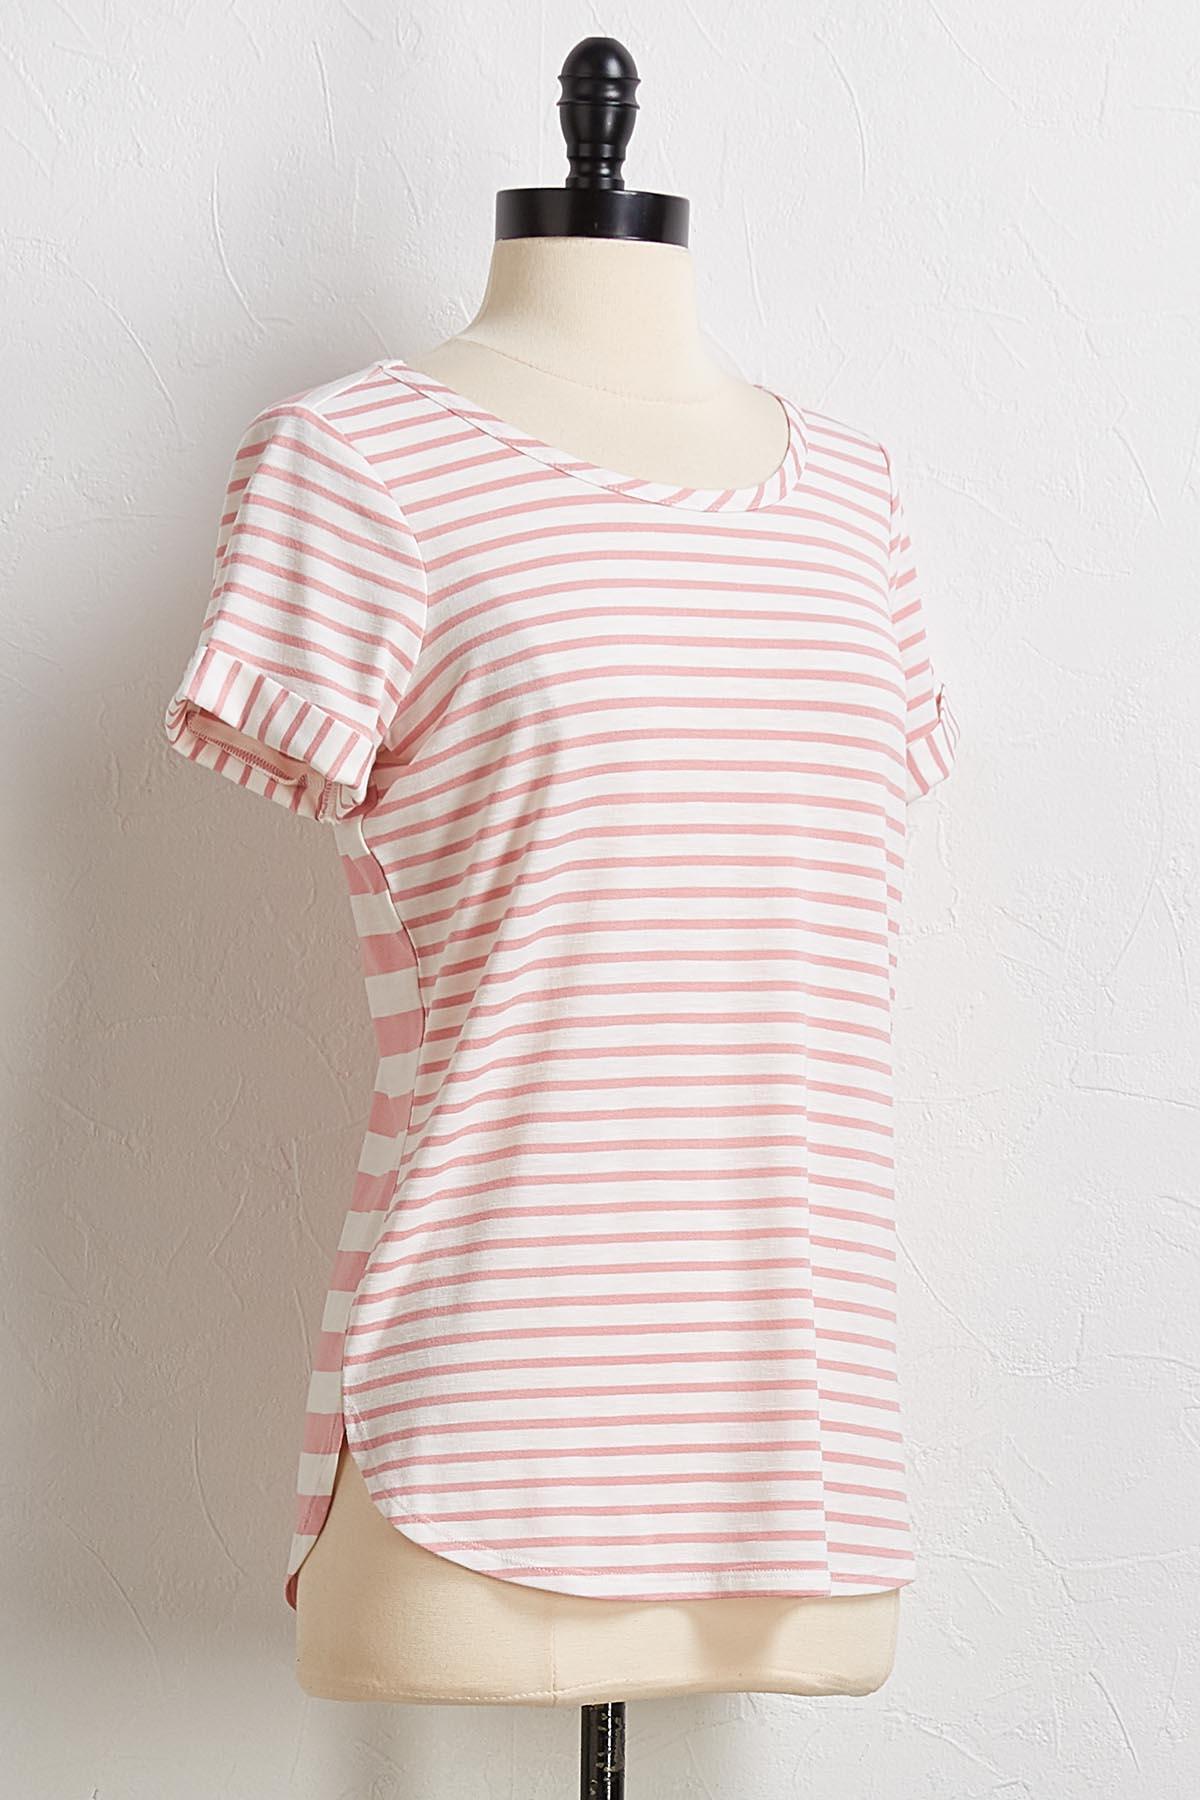 Blush Stripe Tee